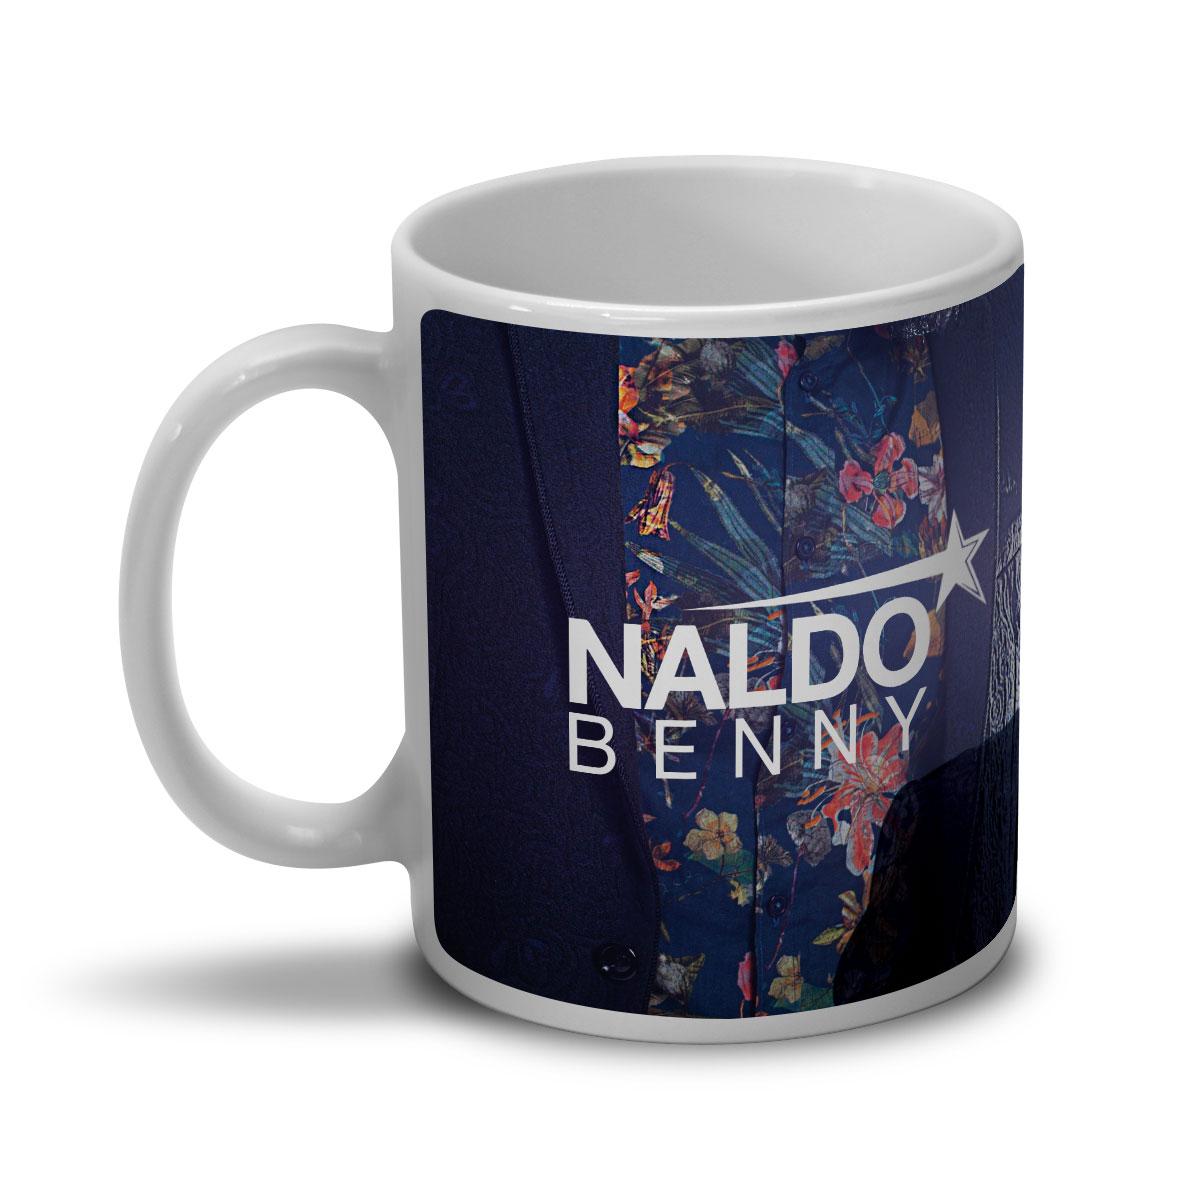 Caneca Naldo Benny Photo